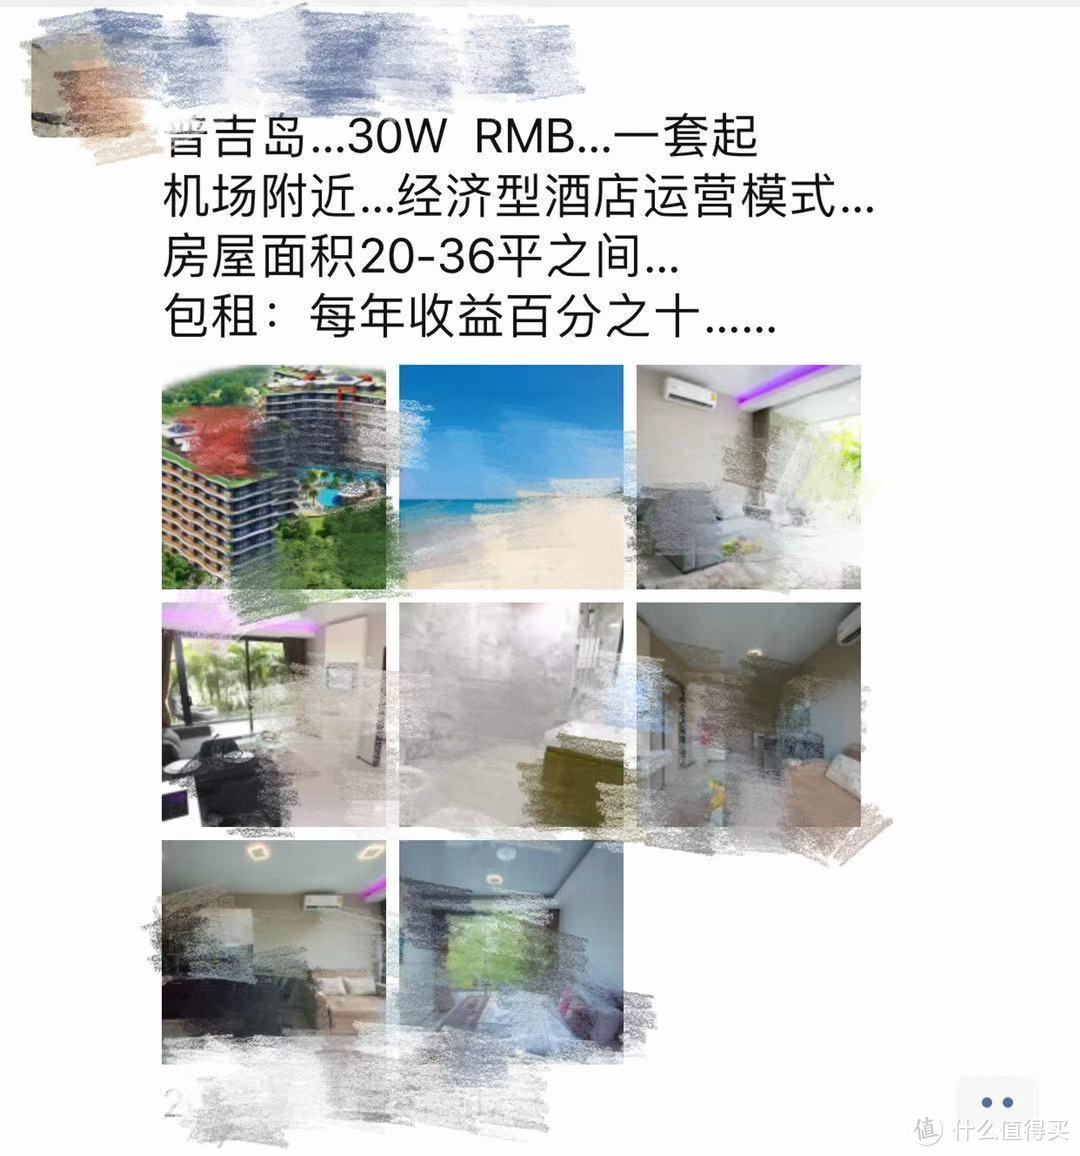 下定决心不再等遥遥无期的拆迁,国内老房换泰国网红公寓,做民宿房东